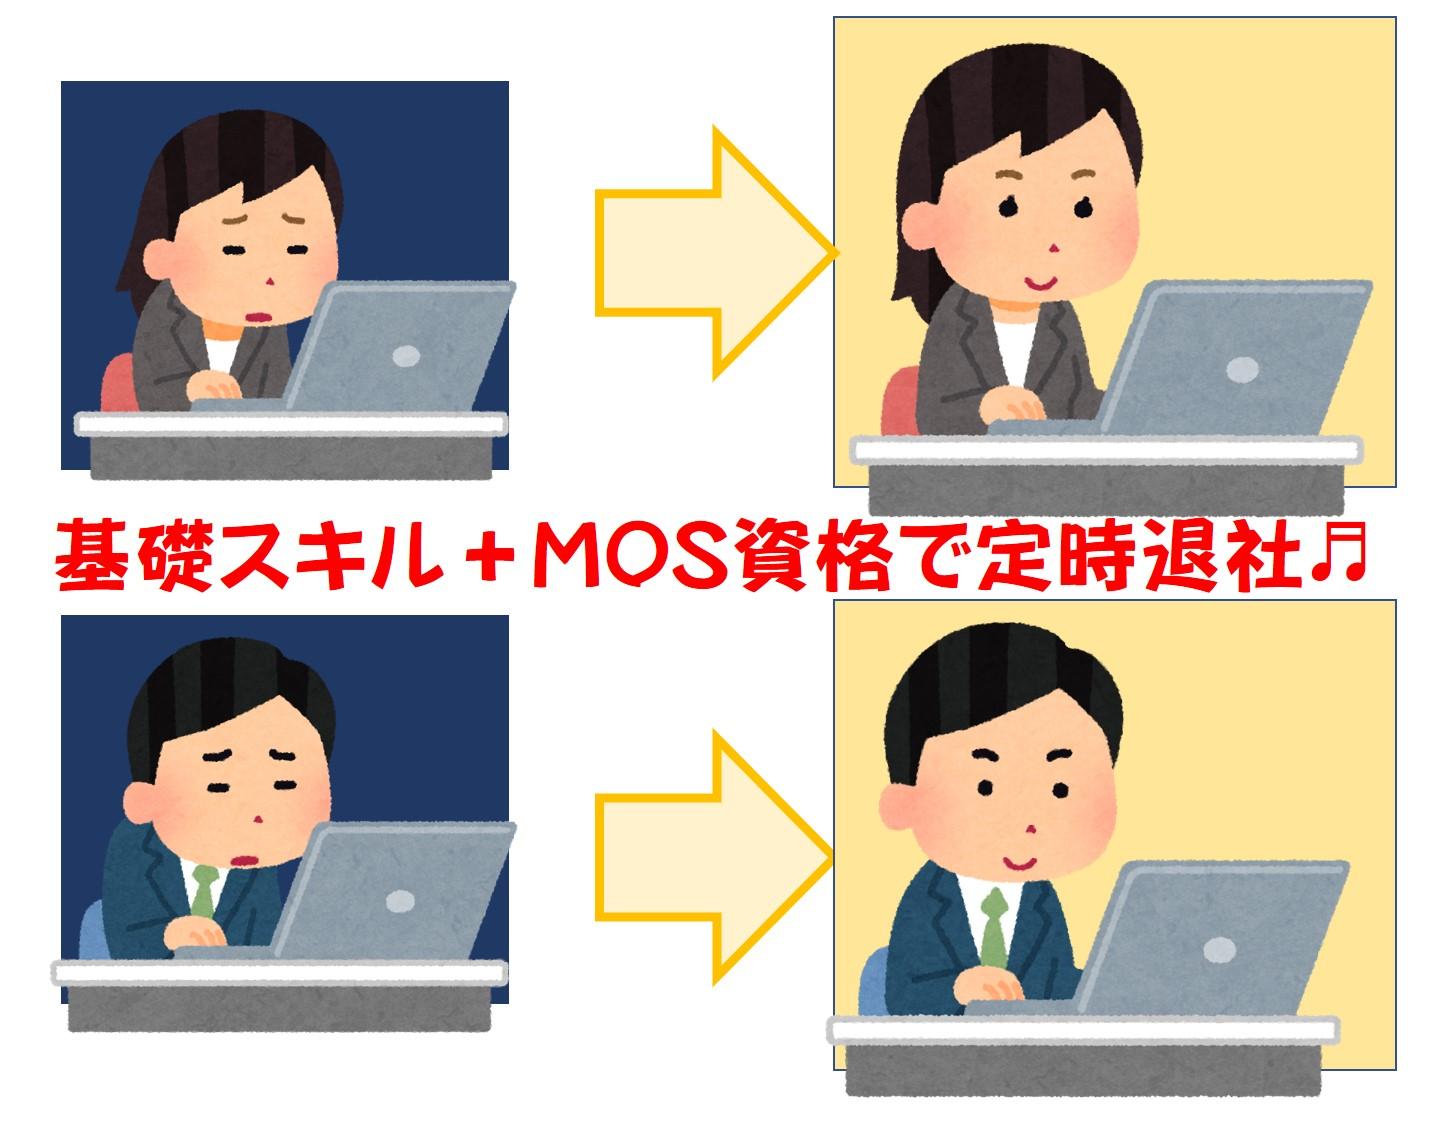 基礎スキルとMOS資格で定時退社♪